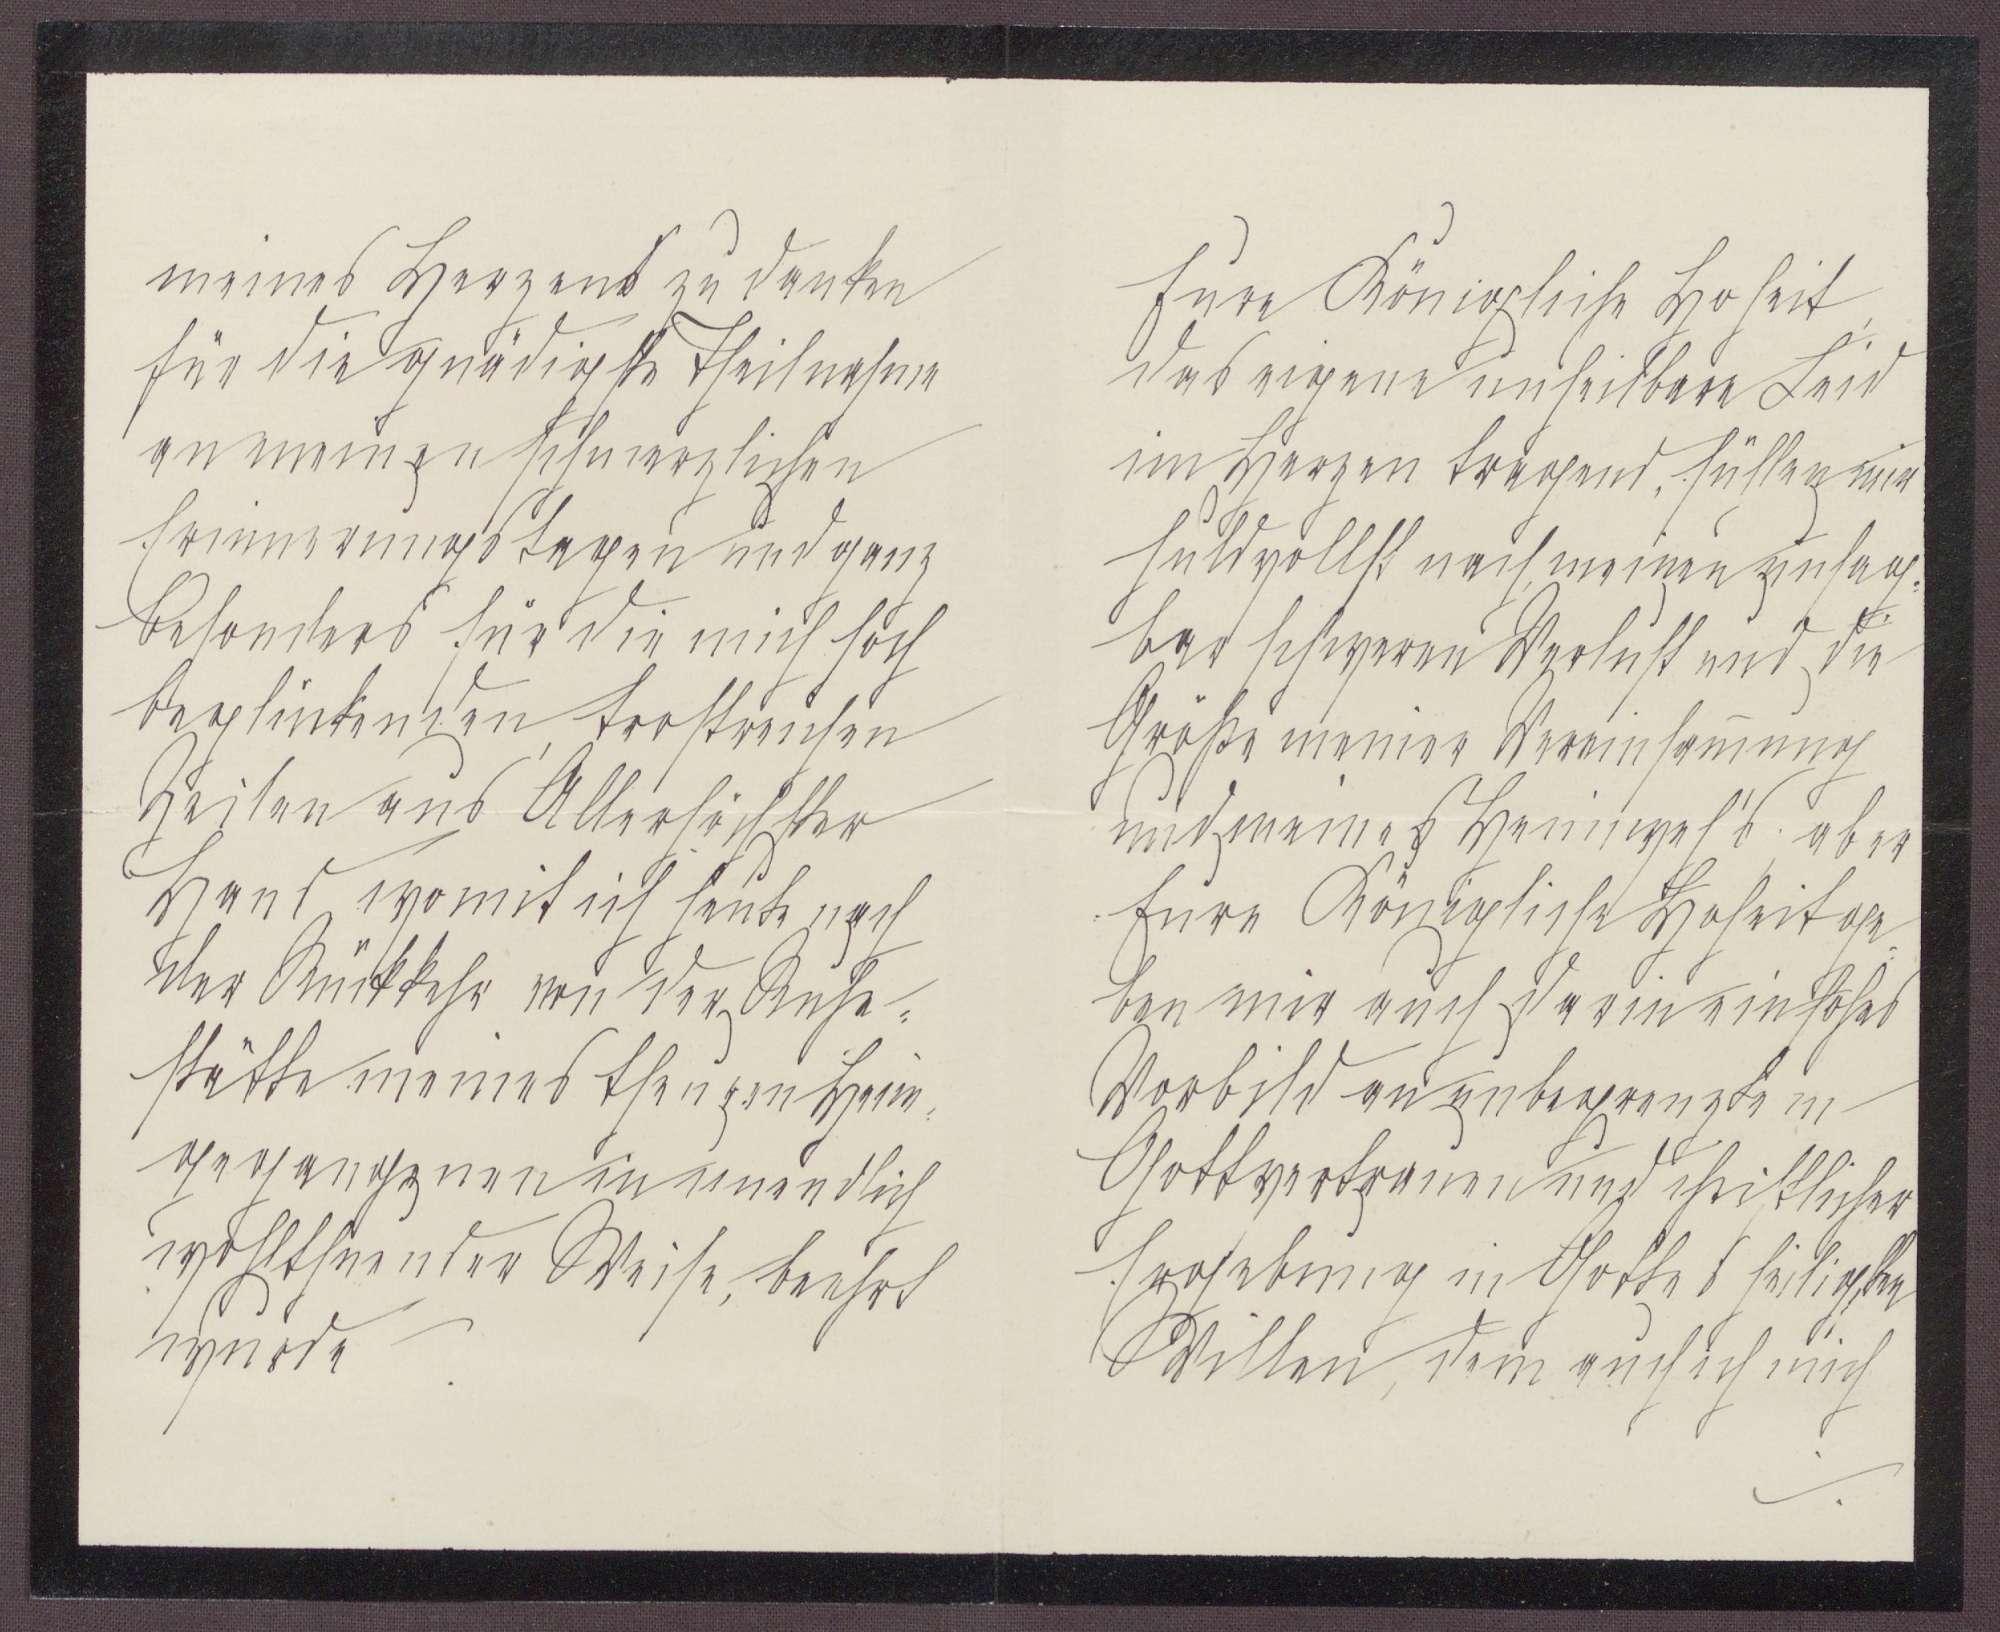 Schreiben von Anna Haas an die Großherzogin Luise; Dank an die Großherzogin für die Ehre, sie auf einer Reise begleiten zu dürfen, Bild 2